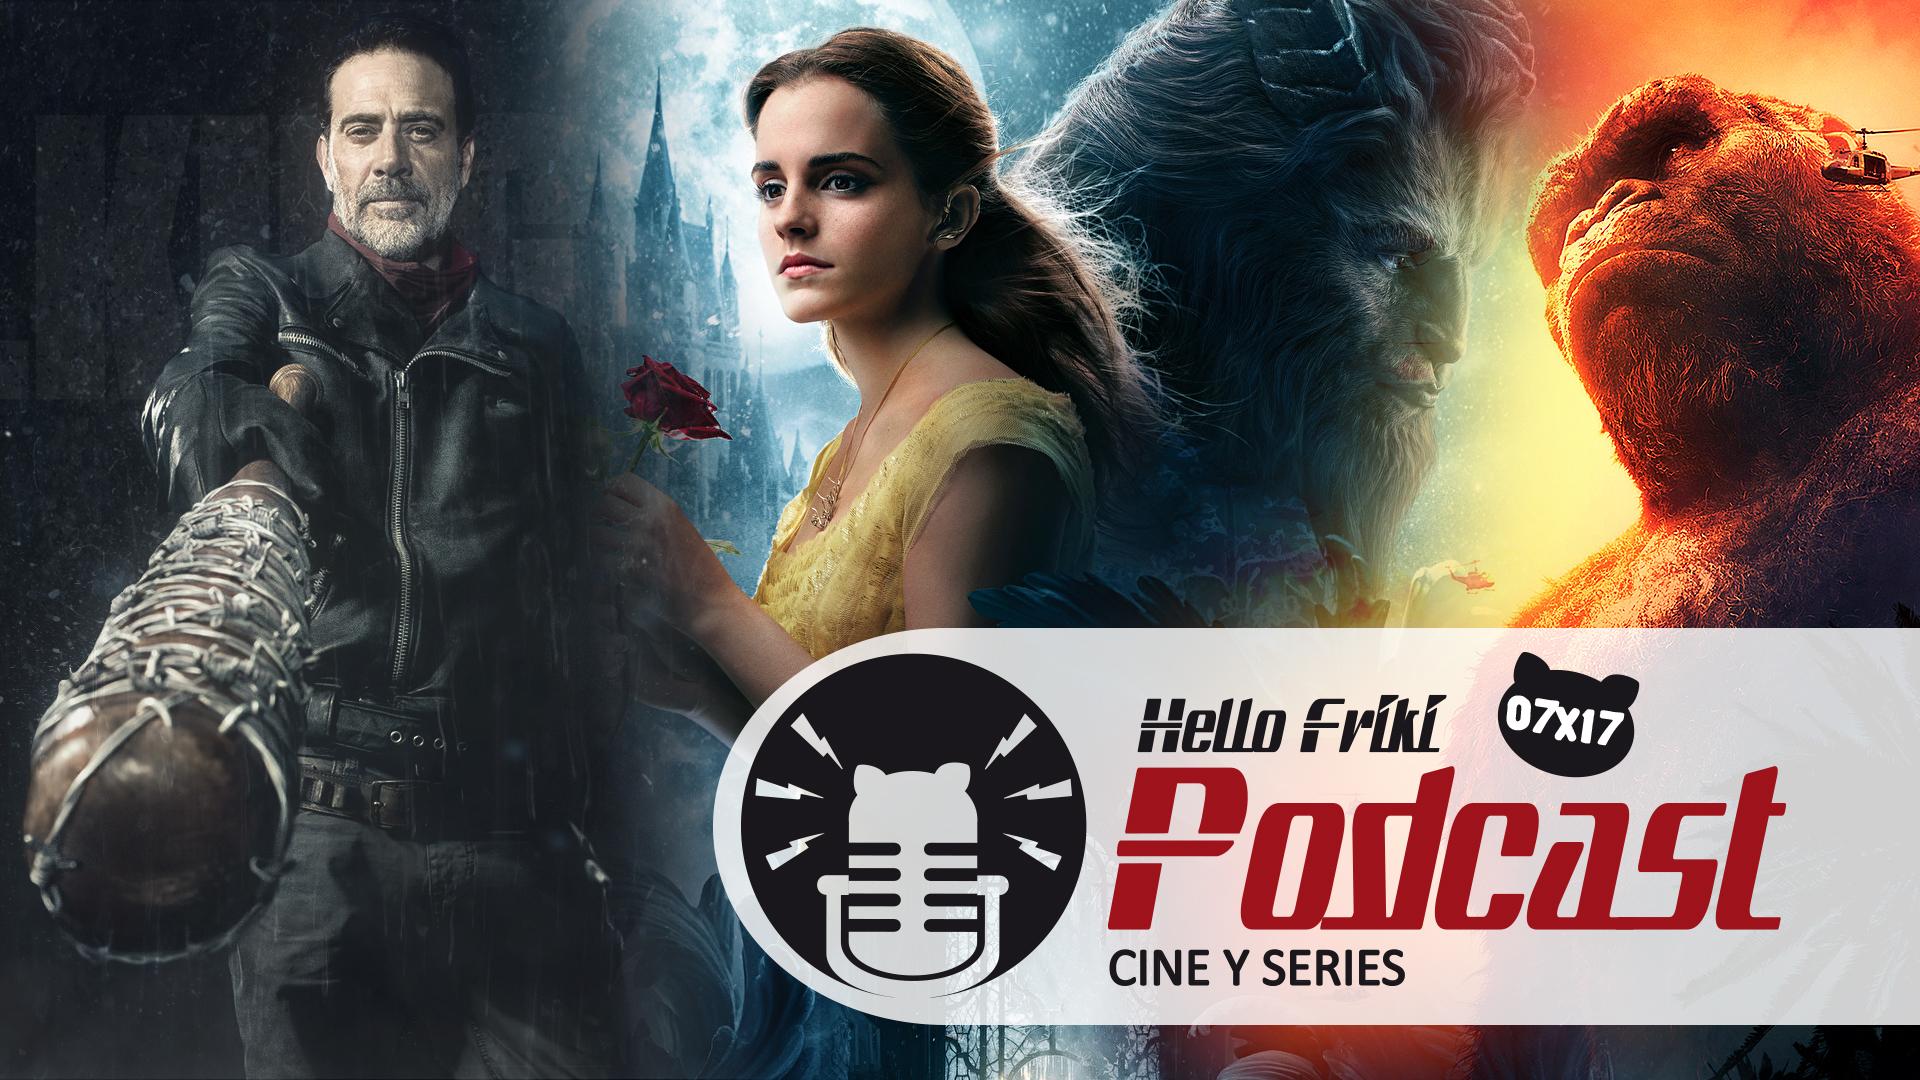 HF 7x17 Cine y Series: La bella y la bestia, El Golpe, The Walking Dead...